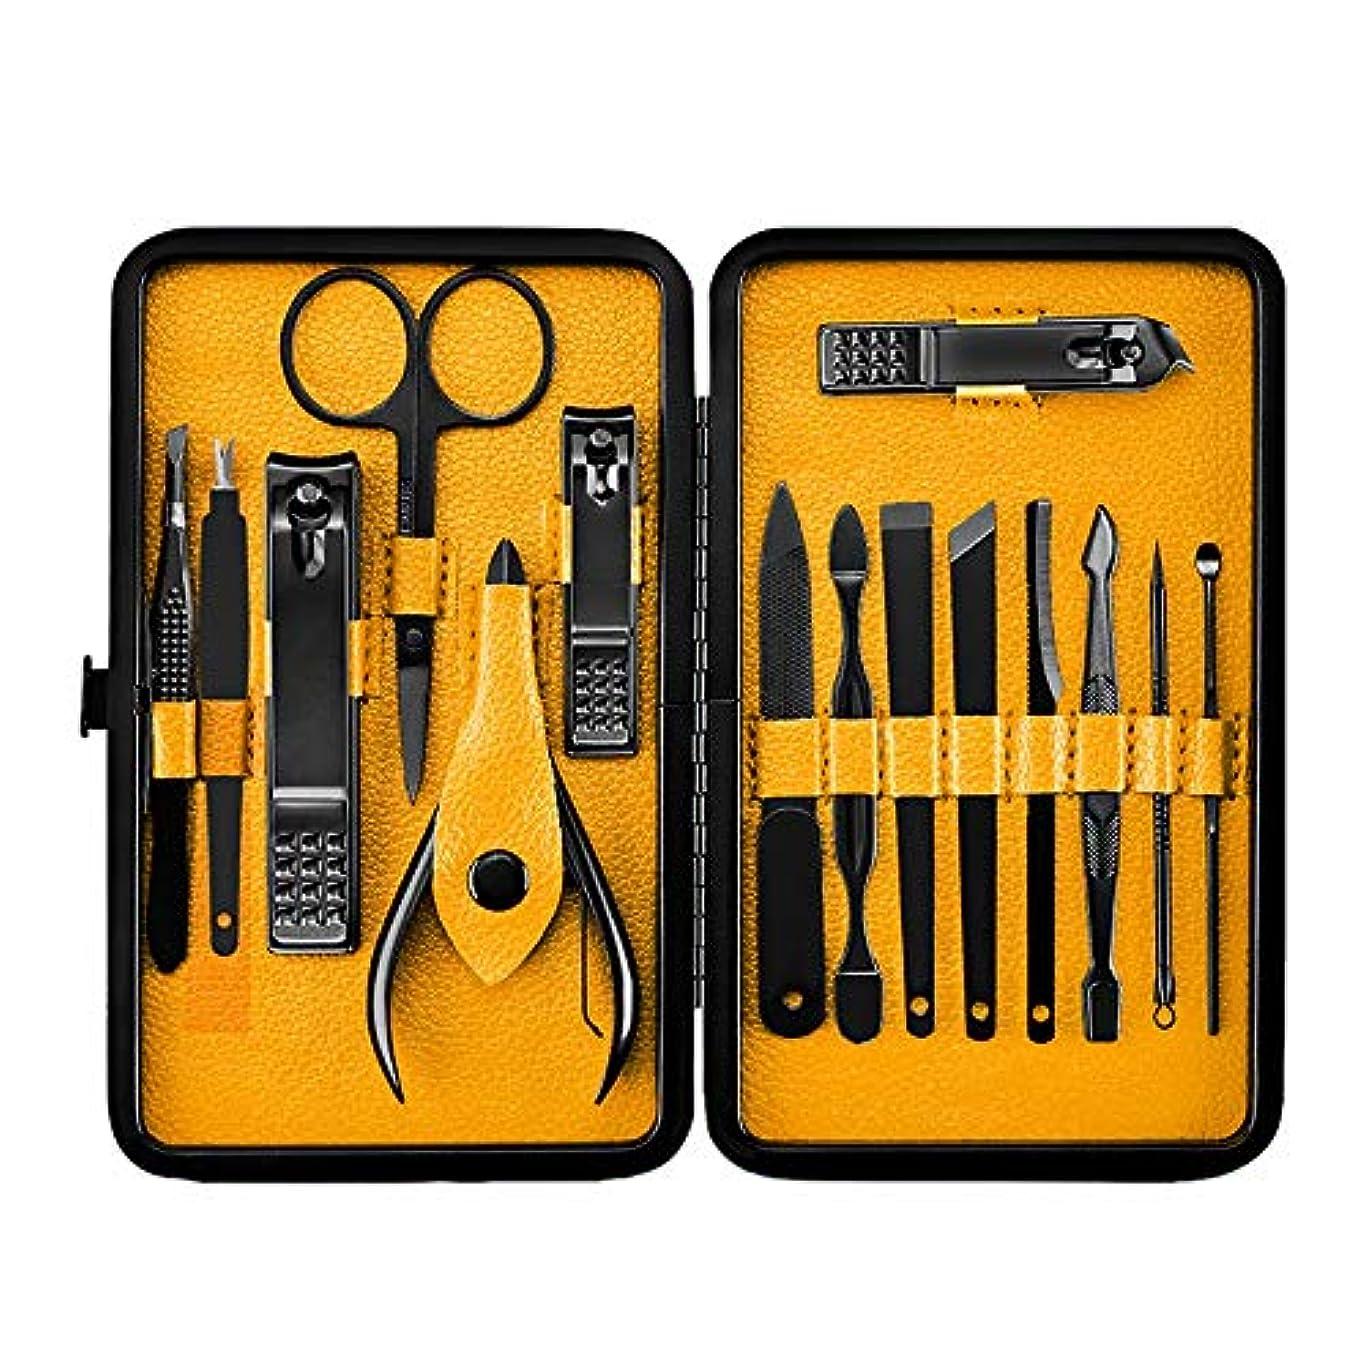 苦情文句疼痛シャイニングRETYLY 15ピース、プロフェッショナル、マニキュア、ステンレス鋼製ネイルのクリッパー、爪切り、はさみのセット、キット、マニキュアのセット、ネイルのツール、ネイルアートのツール